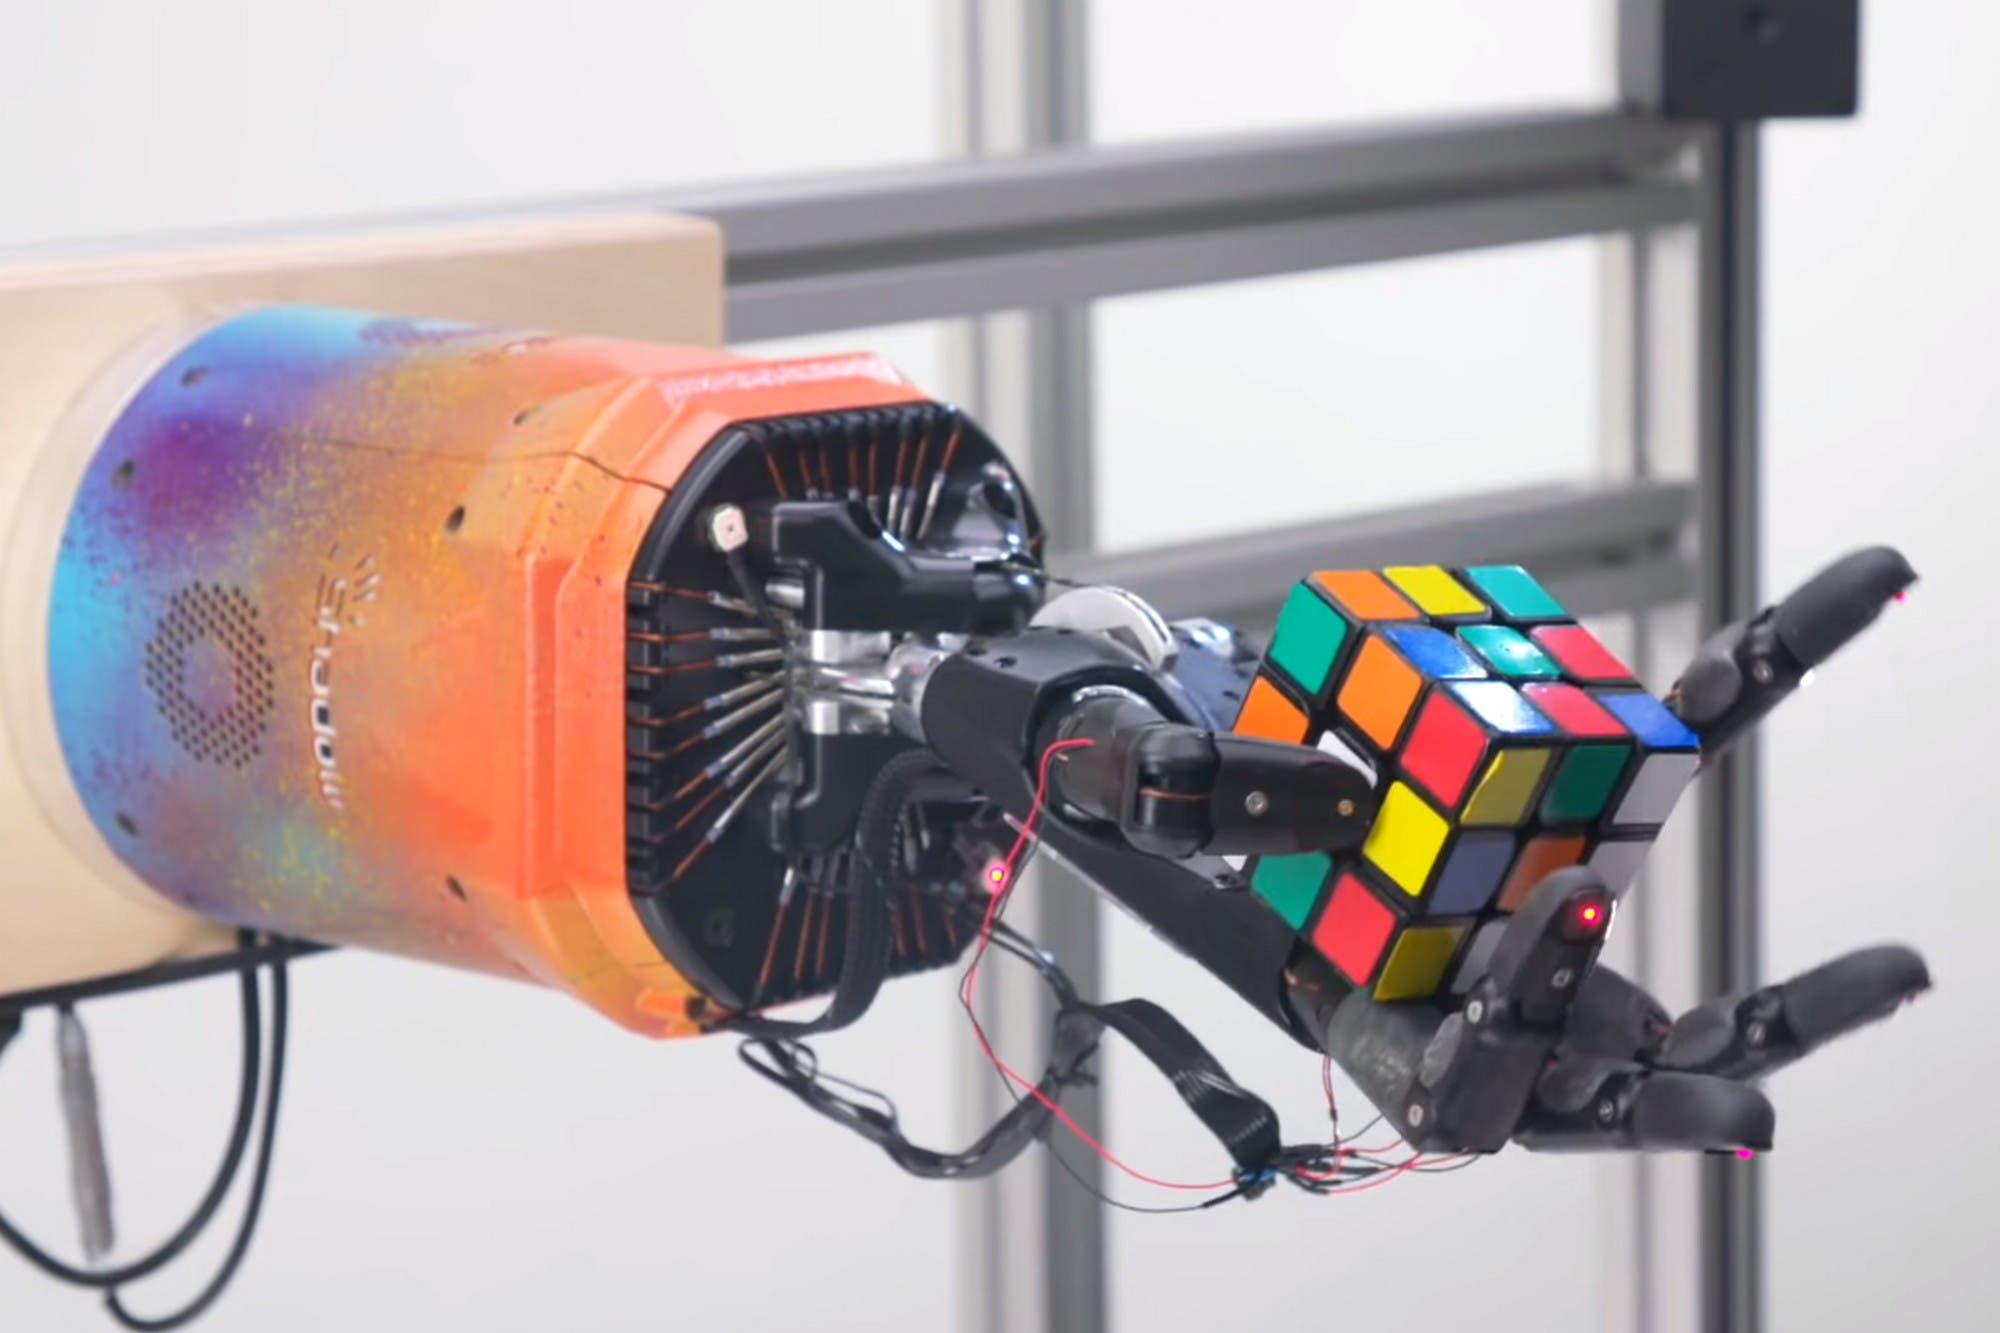 Crean una mano robótica que puede resolver el cubo Rubik en menos de cuatro minutos